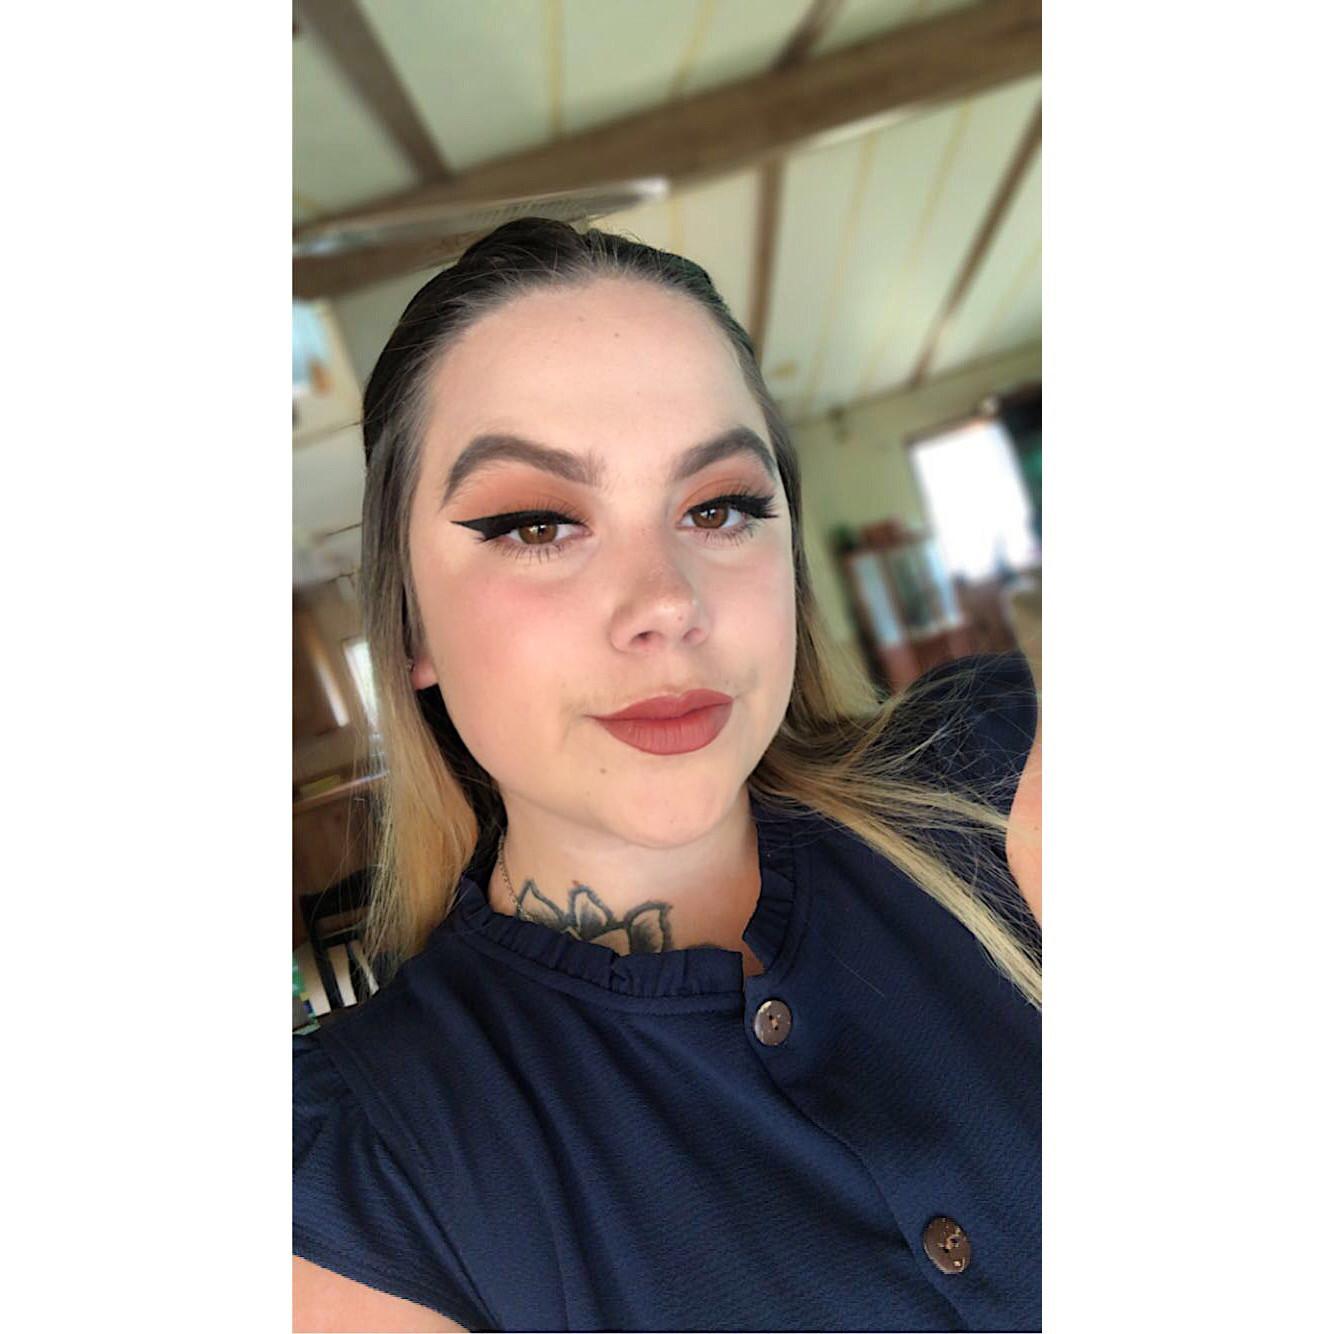 SugarBaby profile ReneeMandy303